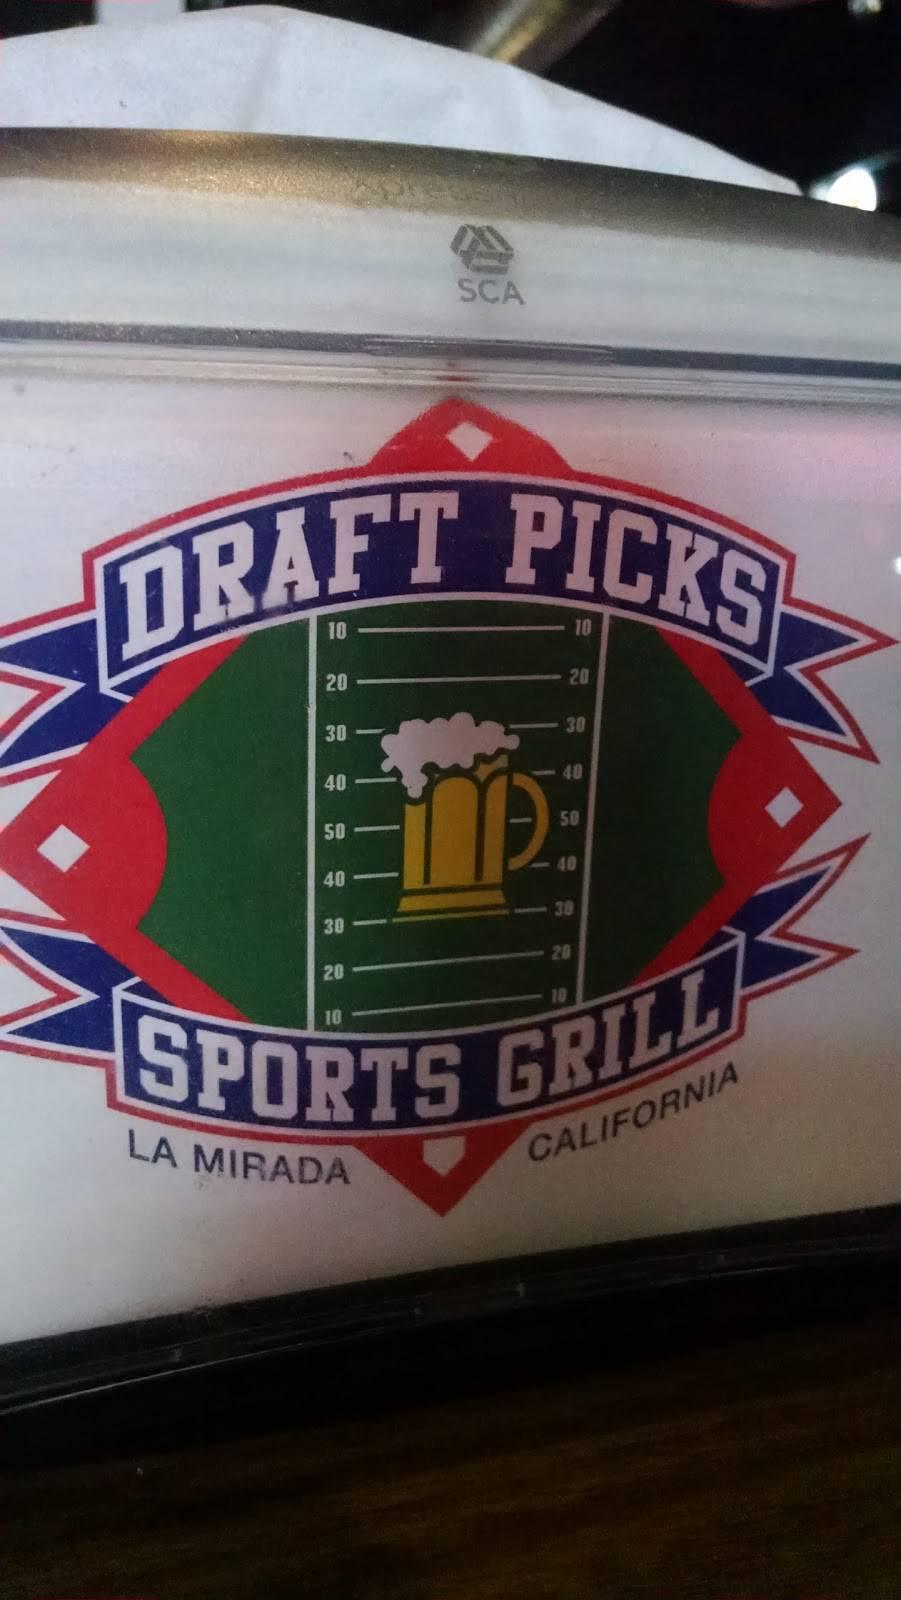 Draft Picks Sports Grill - night club  | Photo 8 of 10 | Address: 15856 Imperial Hwy, La Mirada, CA 90638, USA | Phone: (562) 947-9990